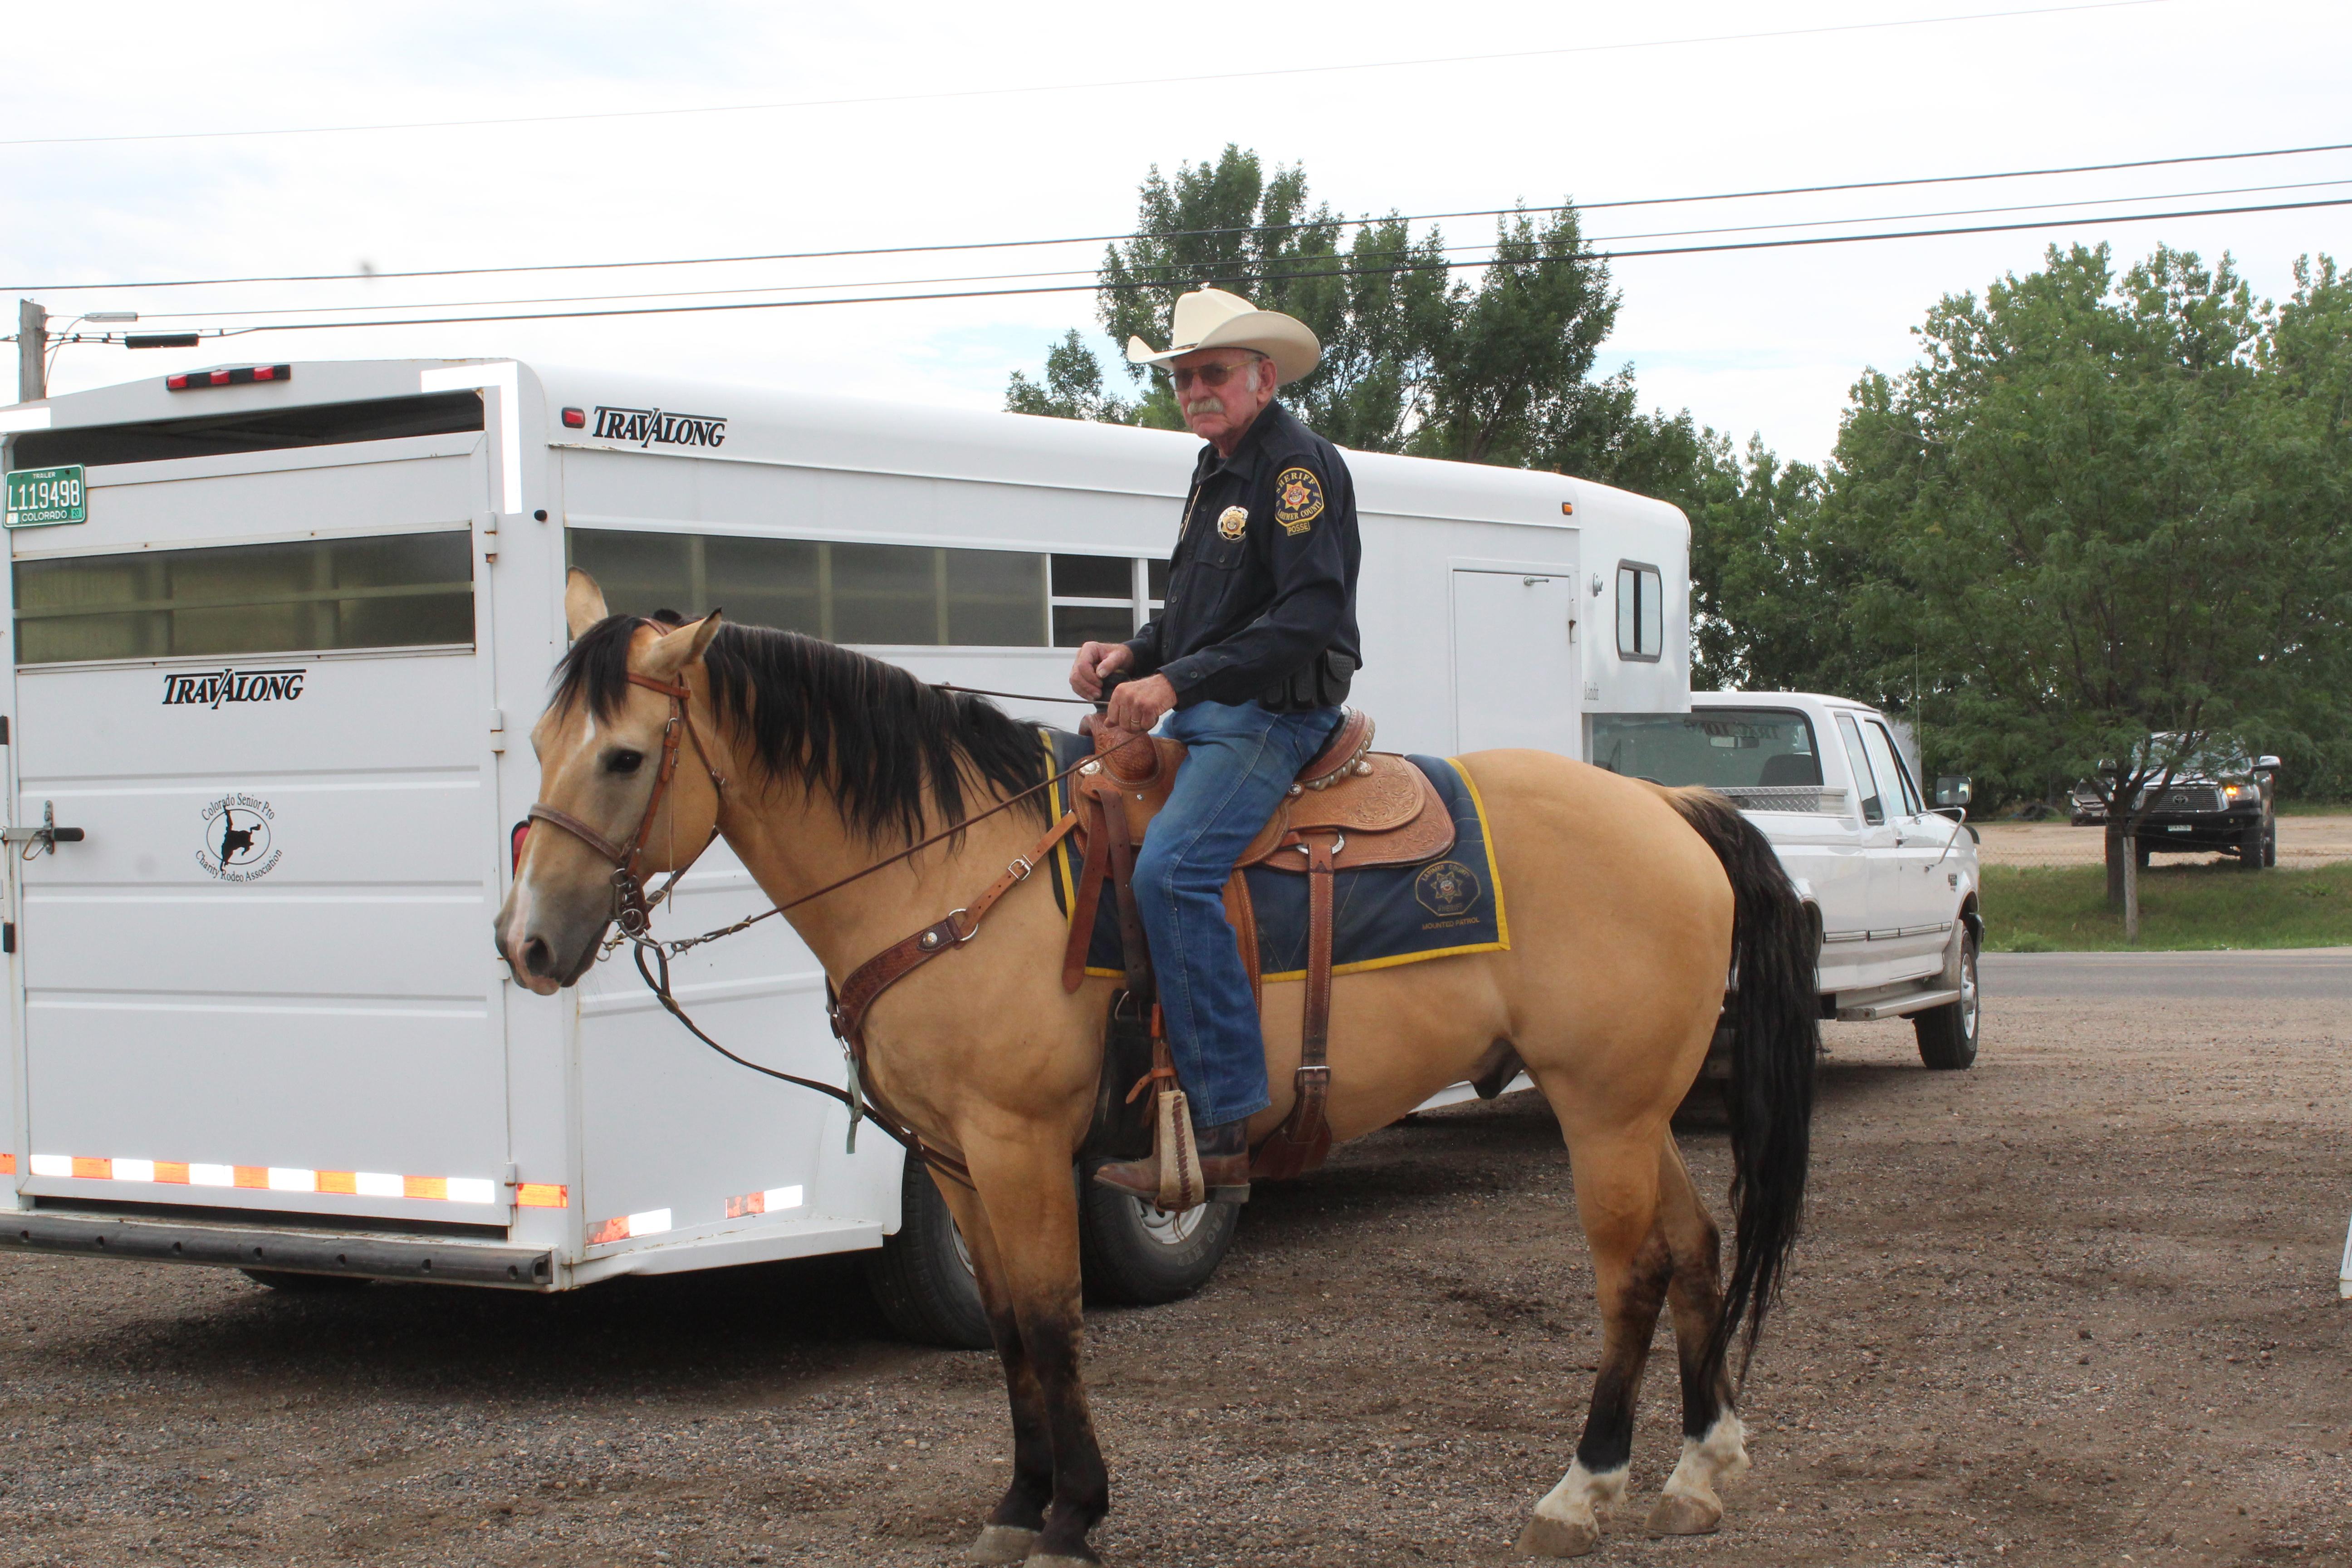 Imagen 16: Posse del Sheriff